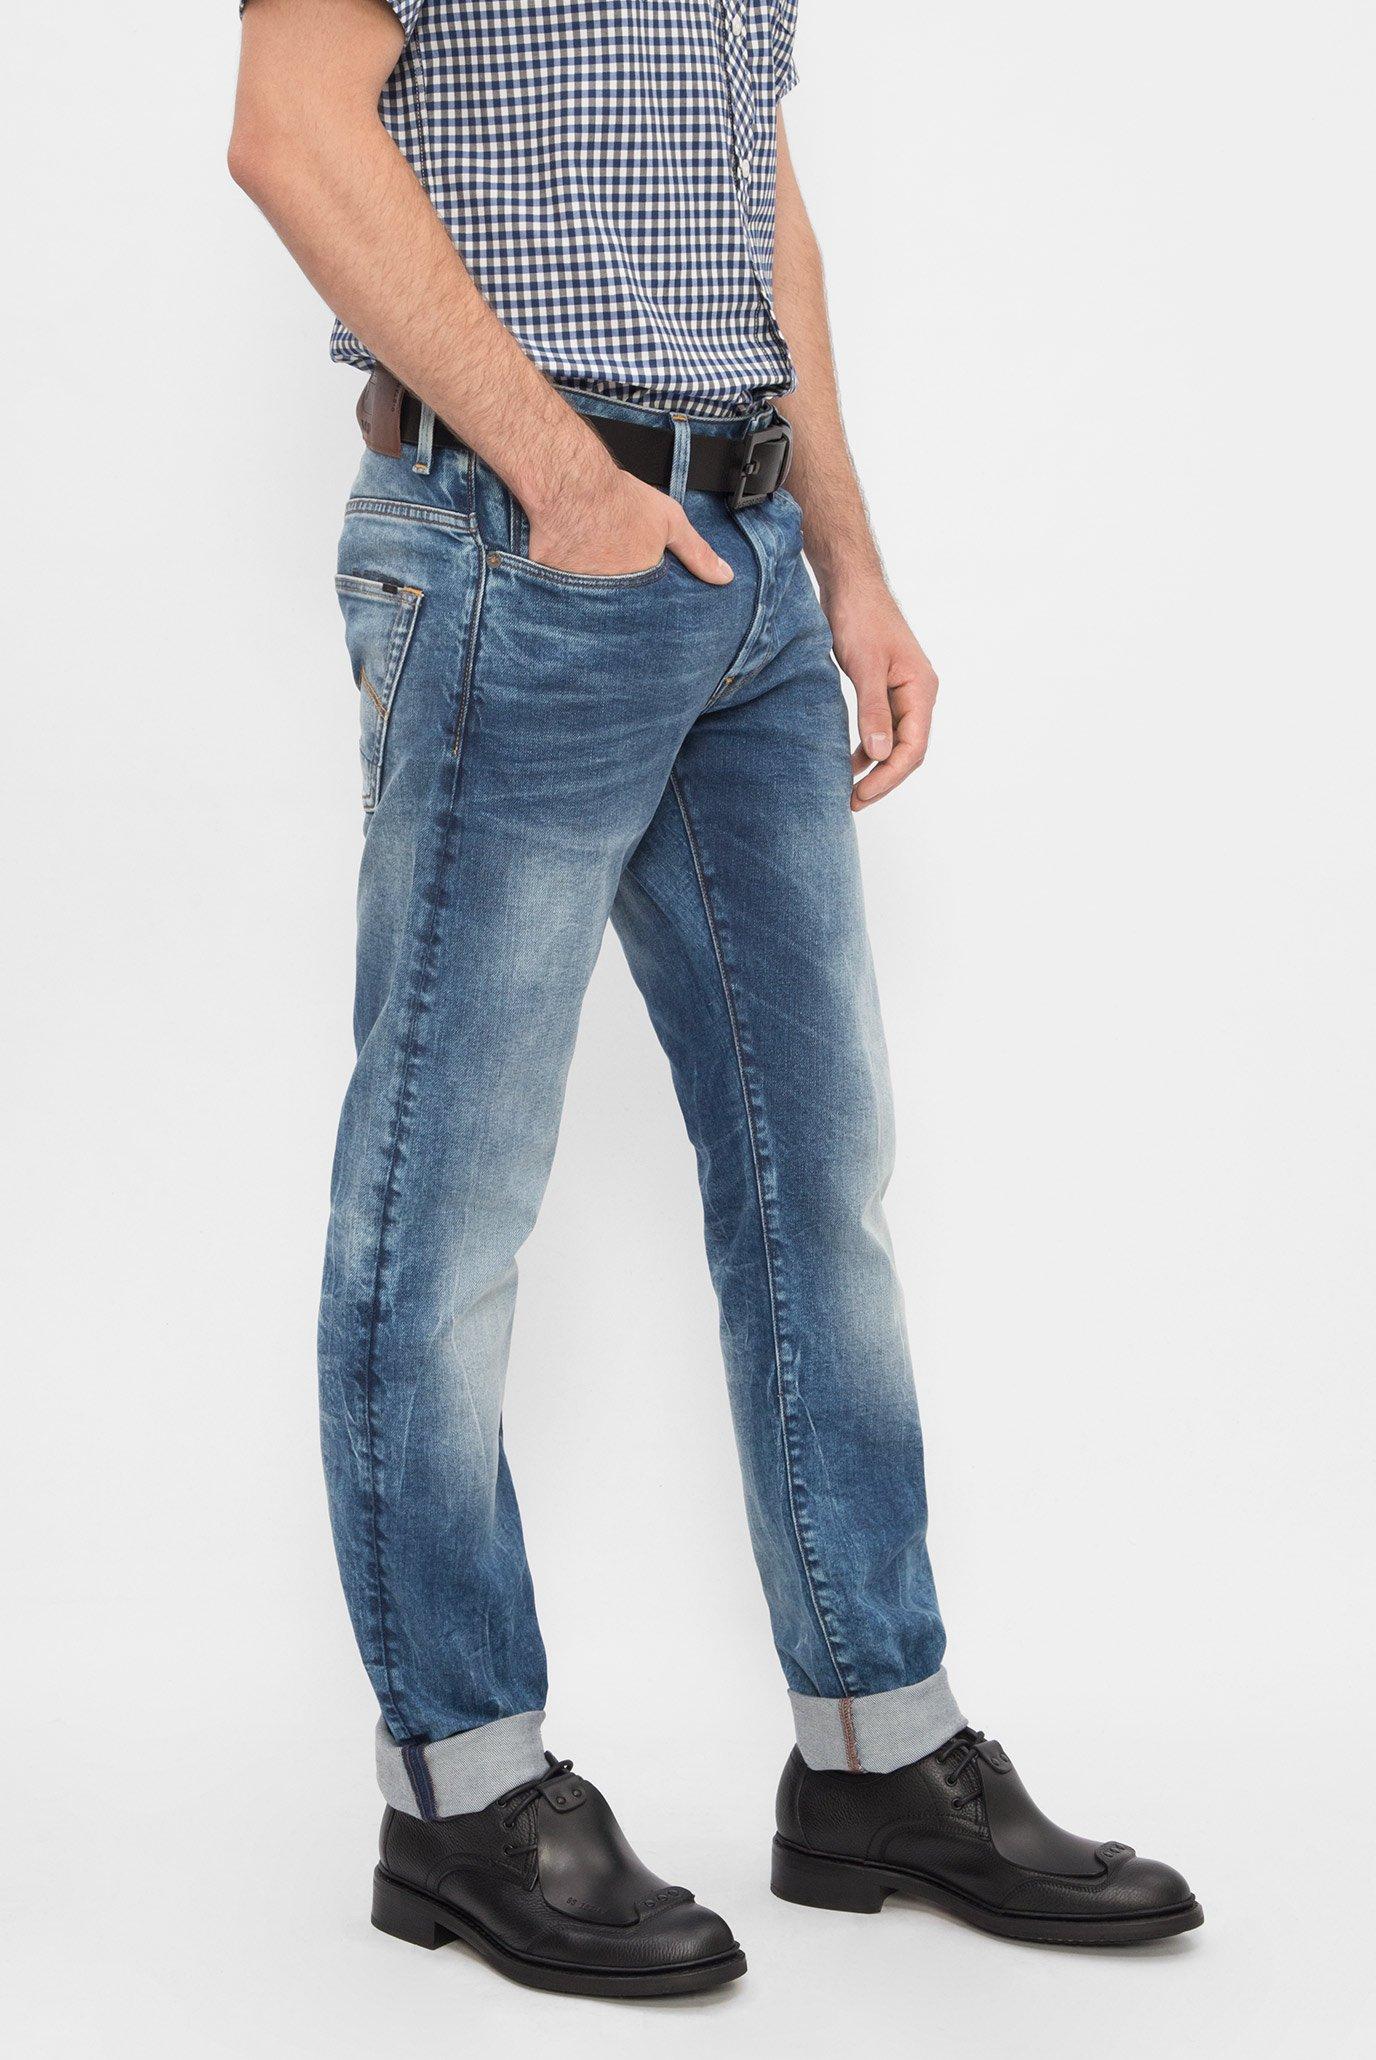 Купить Мужские синие джинсы G-Star RAW G-Star RAW 51001,8596 – Киев, Украина. Цены в интернет магазине MD Fashion